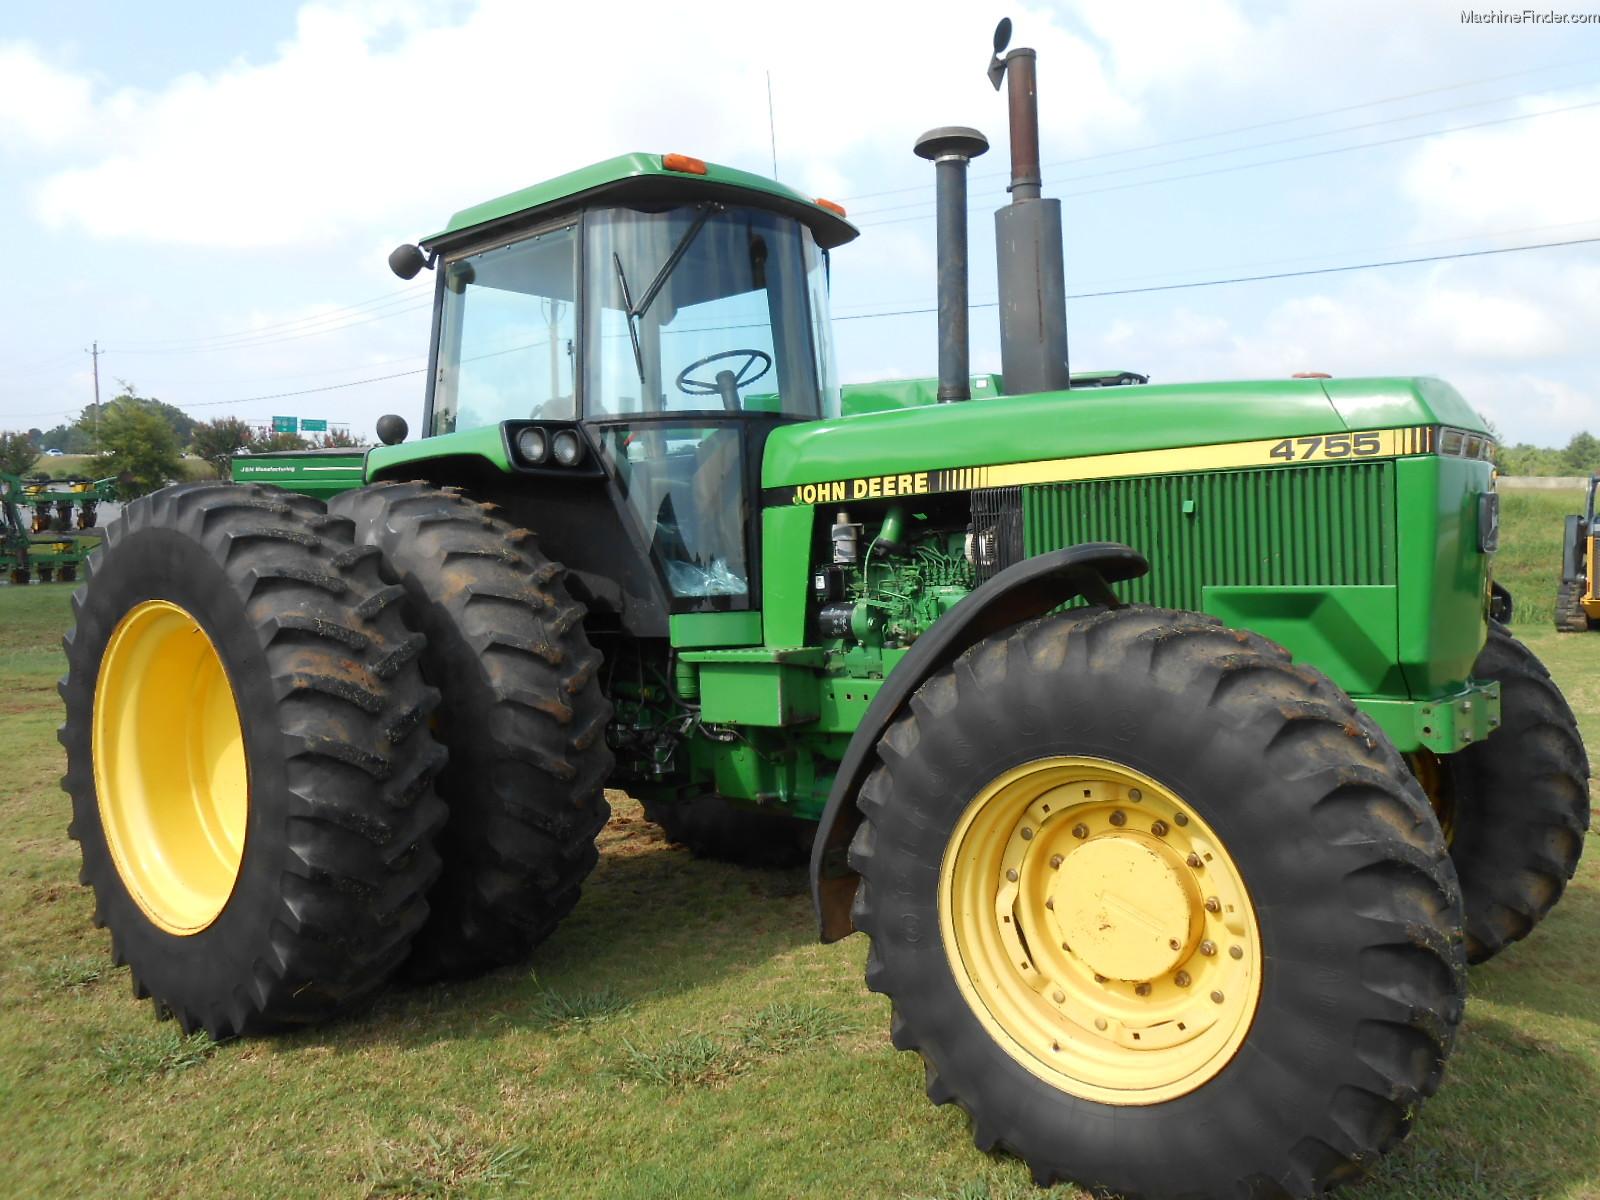 1991 John Deere 4755 Tractors - Row Crop (+100hp) - John ...